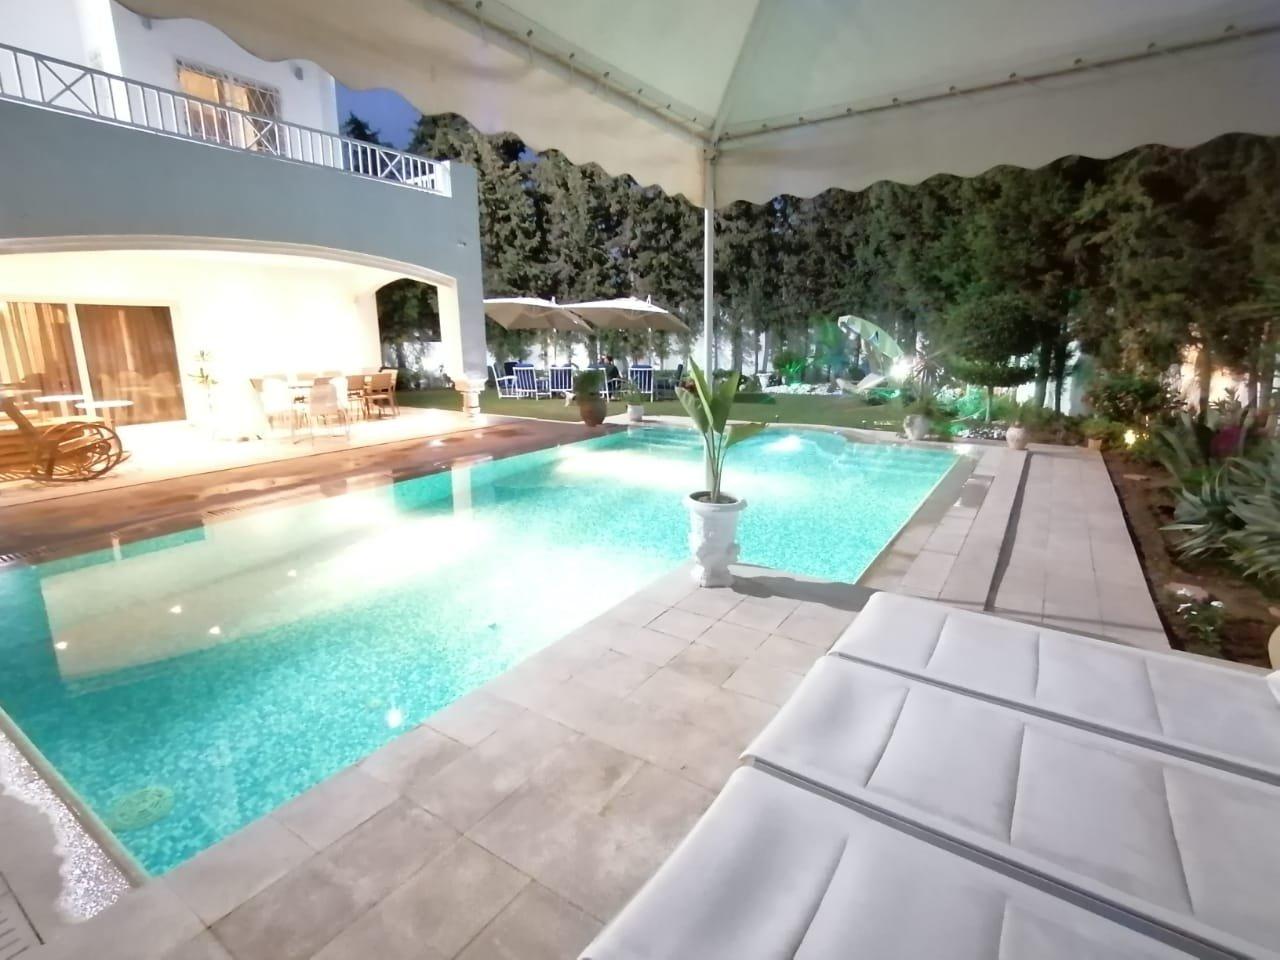 Vente villa indépendante à cité Ennaser 2